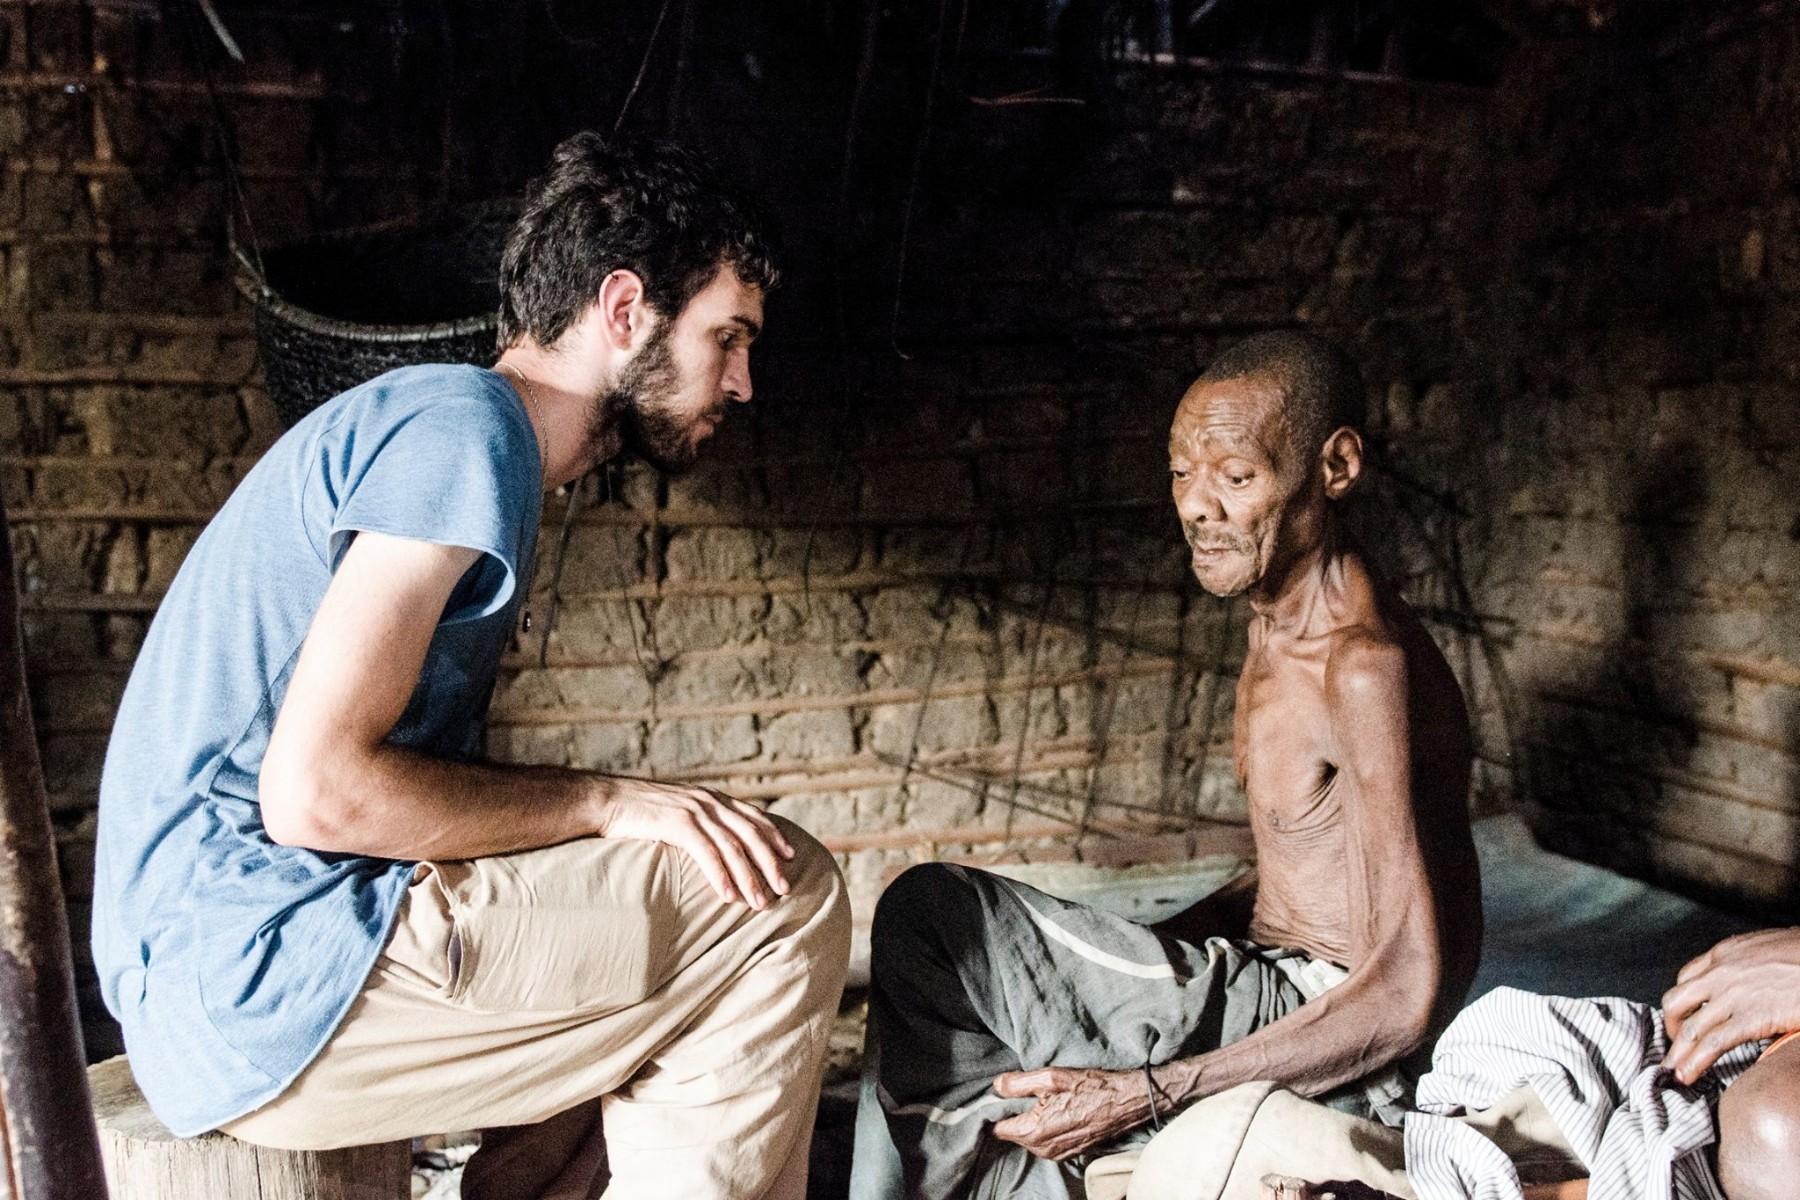 voluntariado en camerun